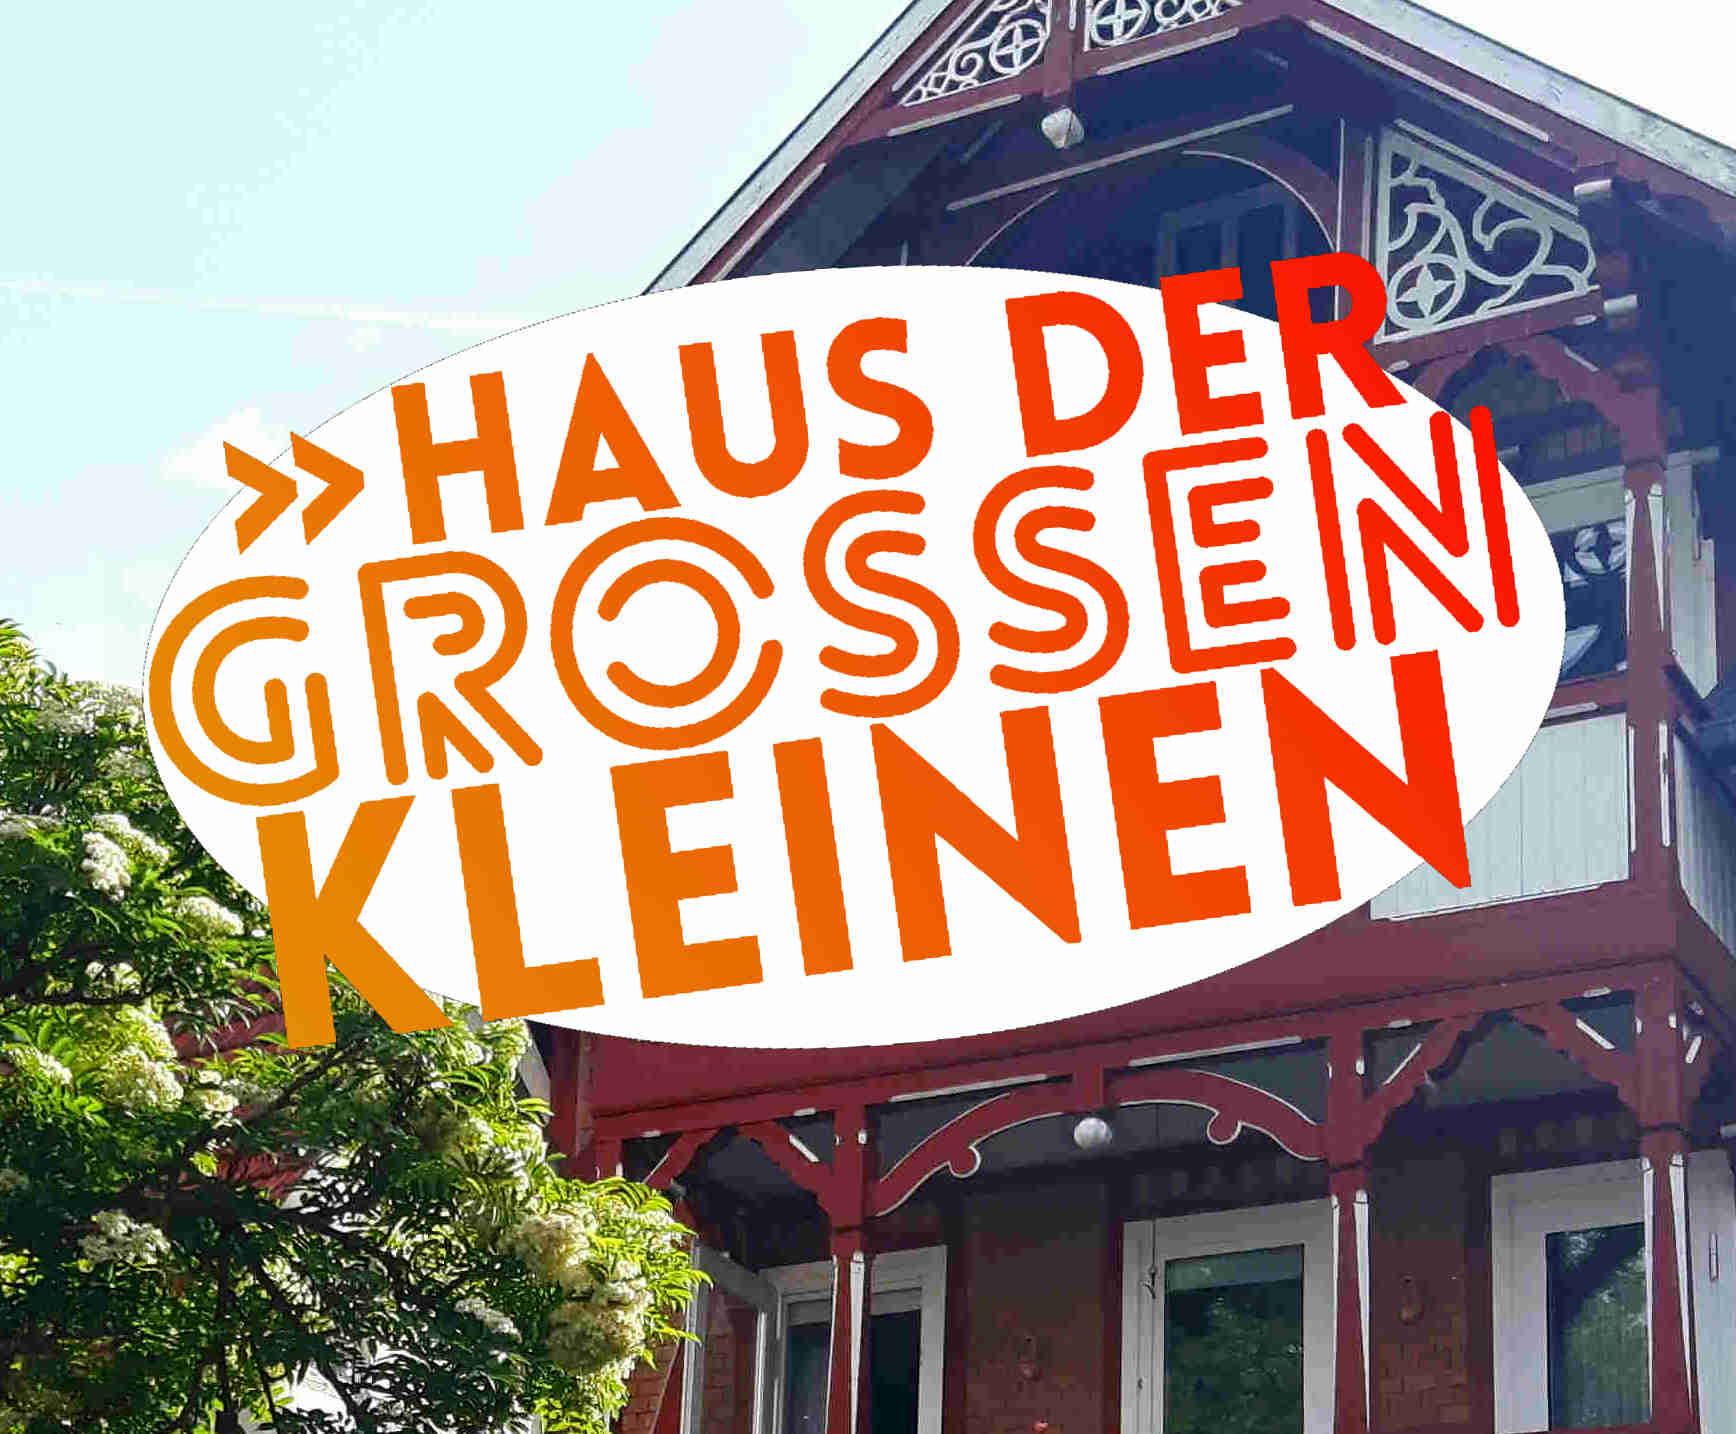 Haus der großen Kleinen | Bad Sooden-Allendorf